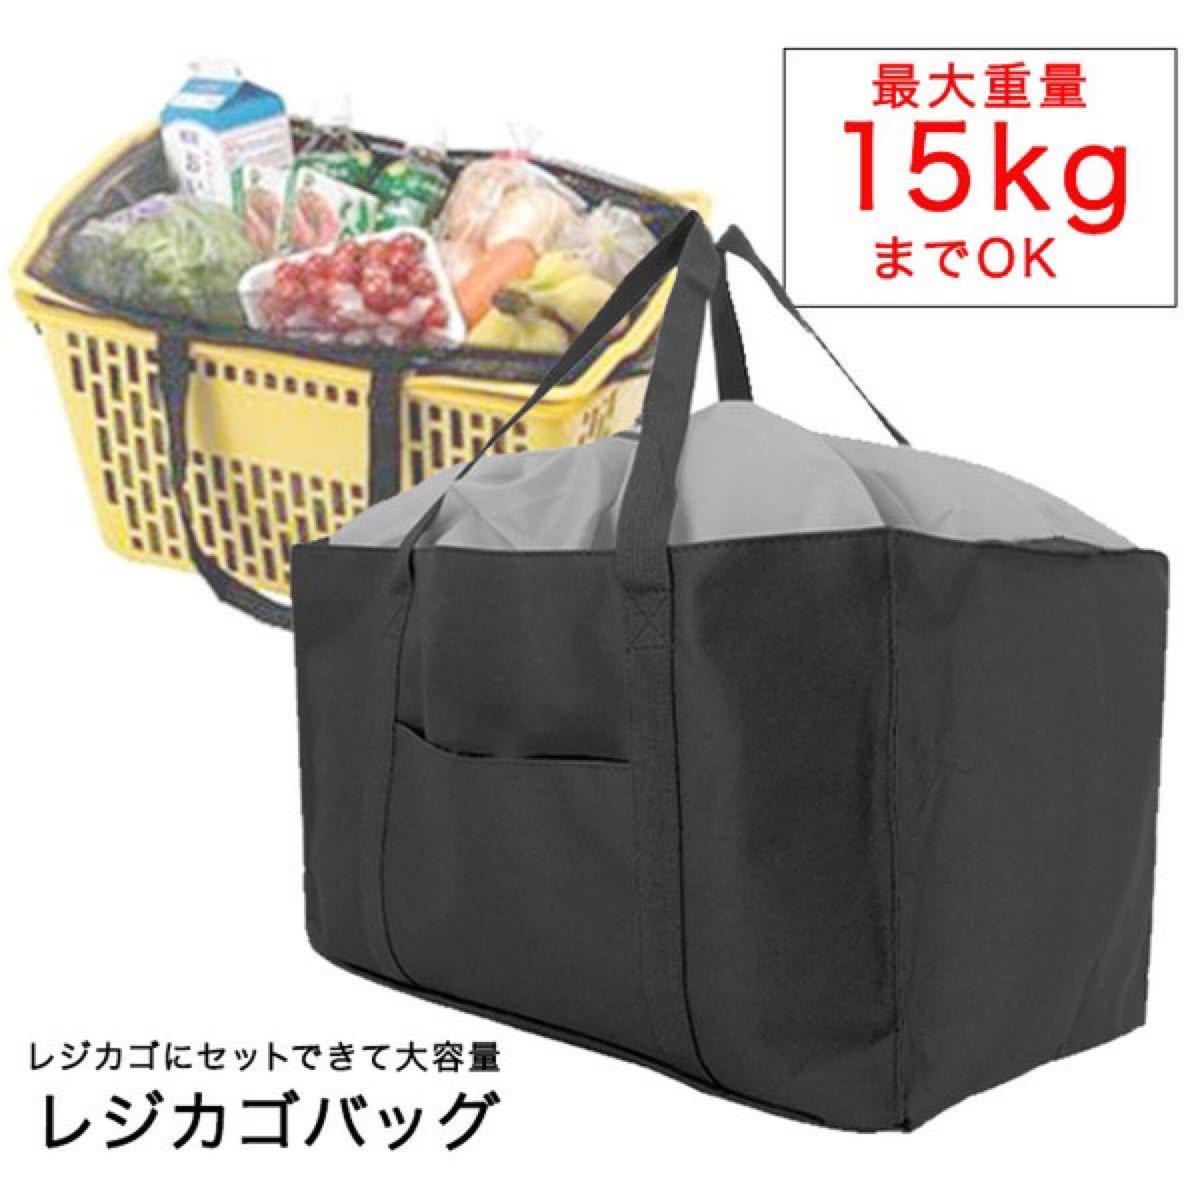 レジカゴバッグ エコバッグ レジカゴ エコ 買い物バッグ 買い物袋 カゴバッグ